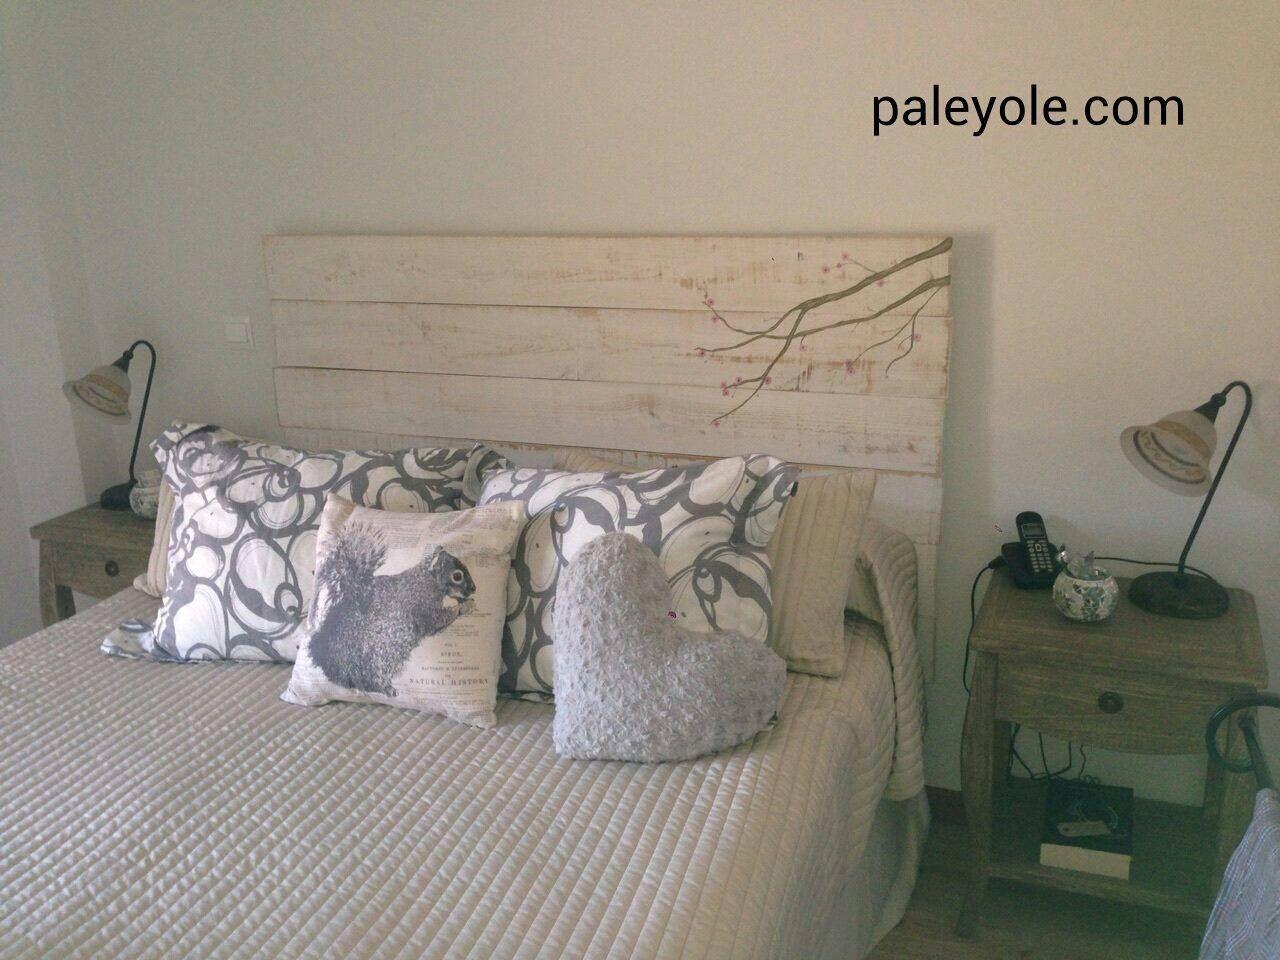 Cabeceros de cama hechos con madera de palet pal - Cabeceros de cama con palets ...